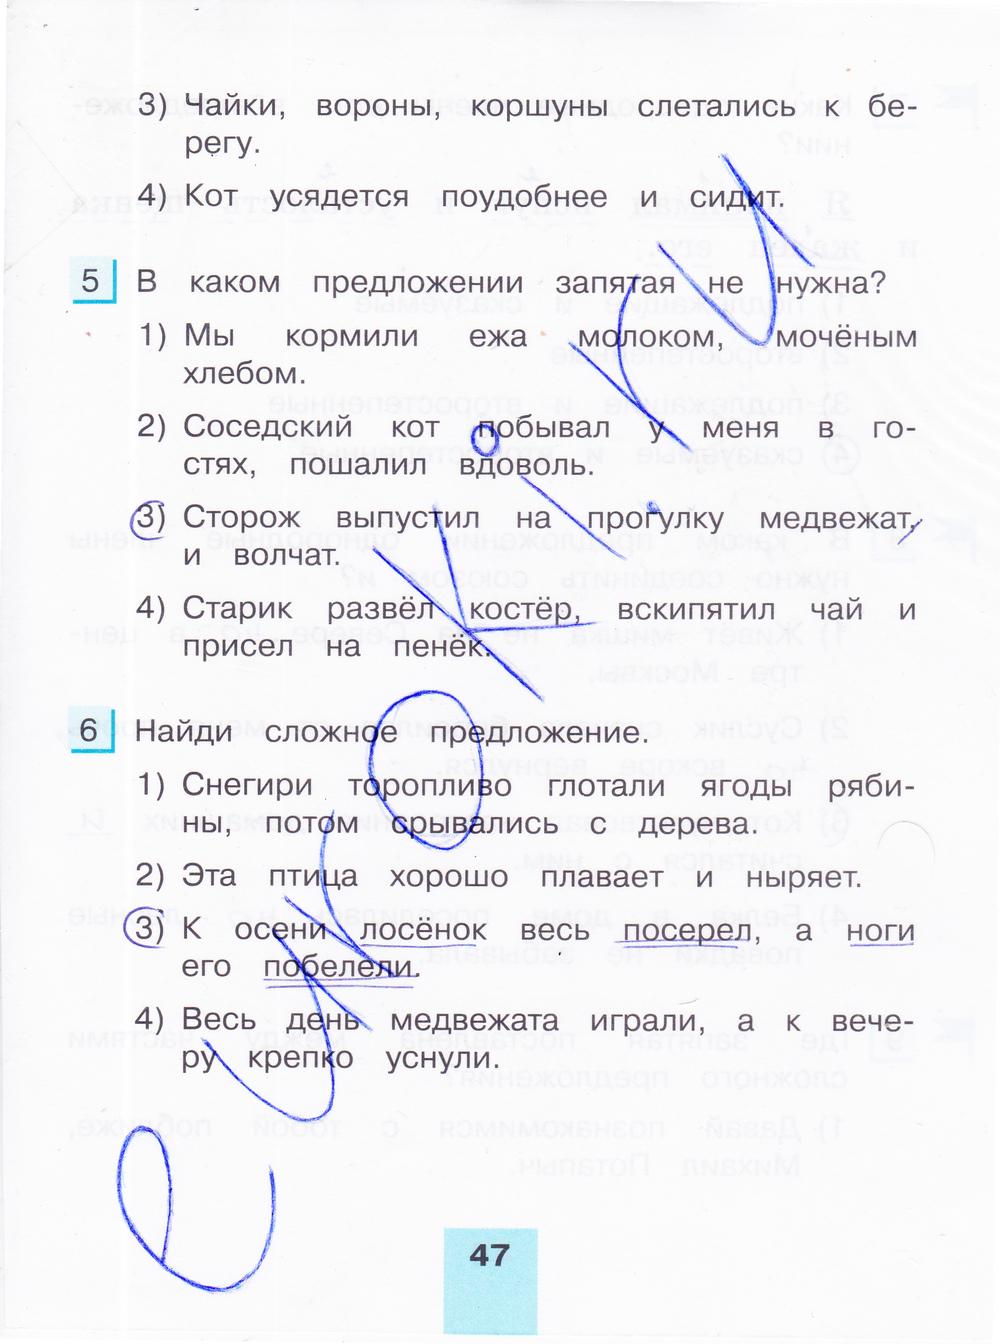 2 корешкова гдз рабочая русскому языку тетрадь часть 2 класс по